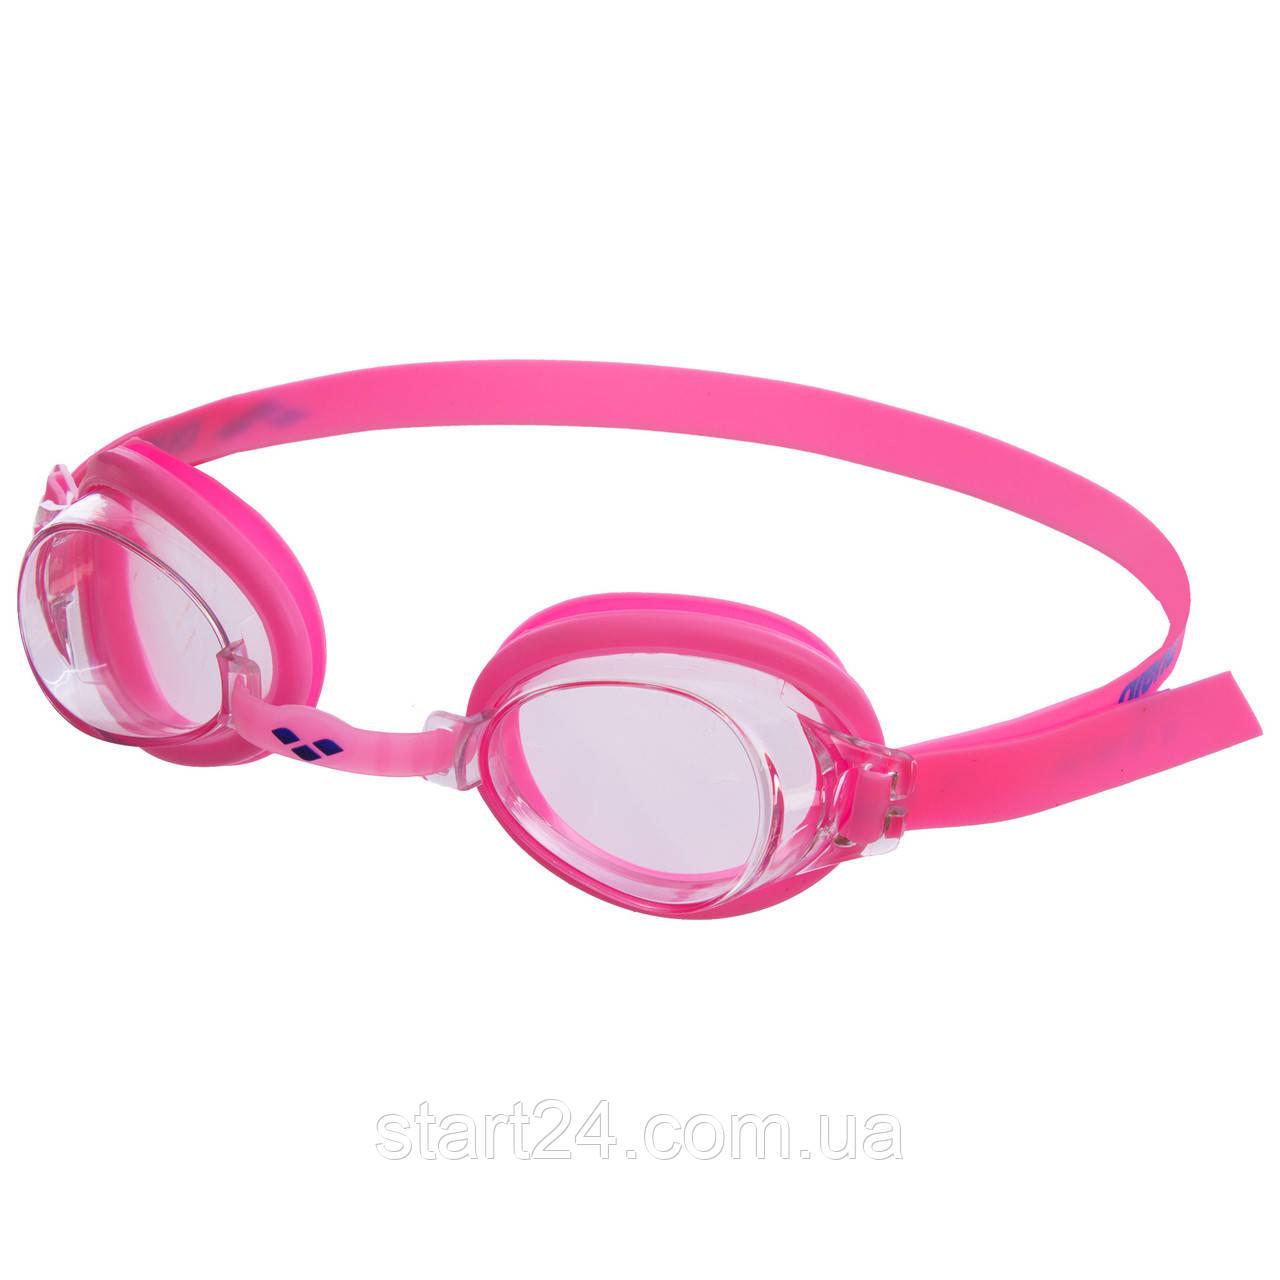 Очки для плавания детские ARENA BUBBLE 3 JUNIOR AR-92395 (поликарбонат, термопластичная резина, силикон, цвета